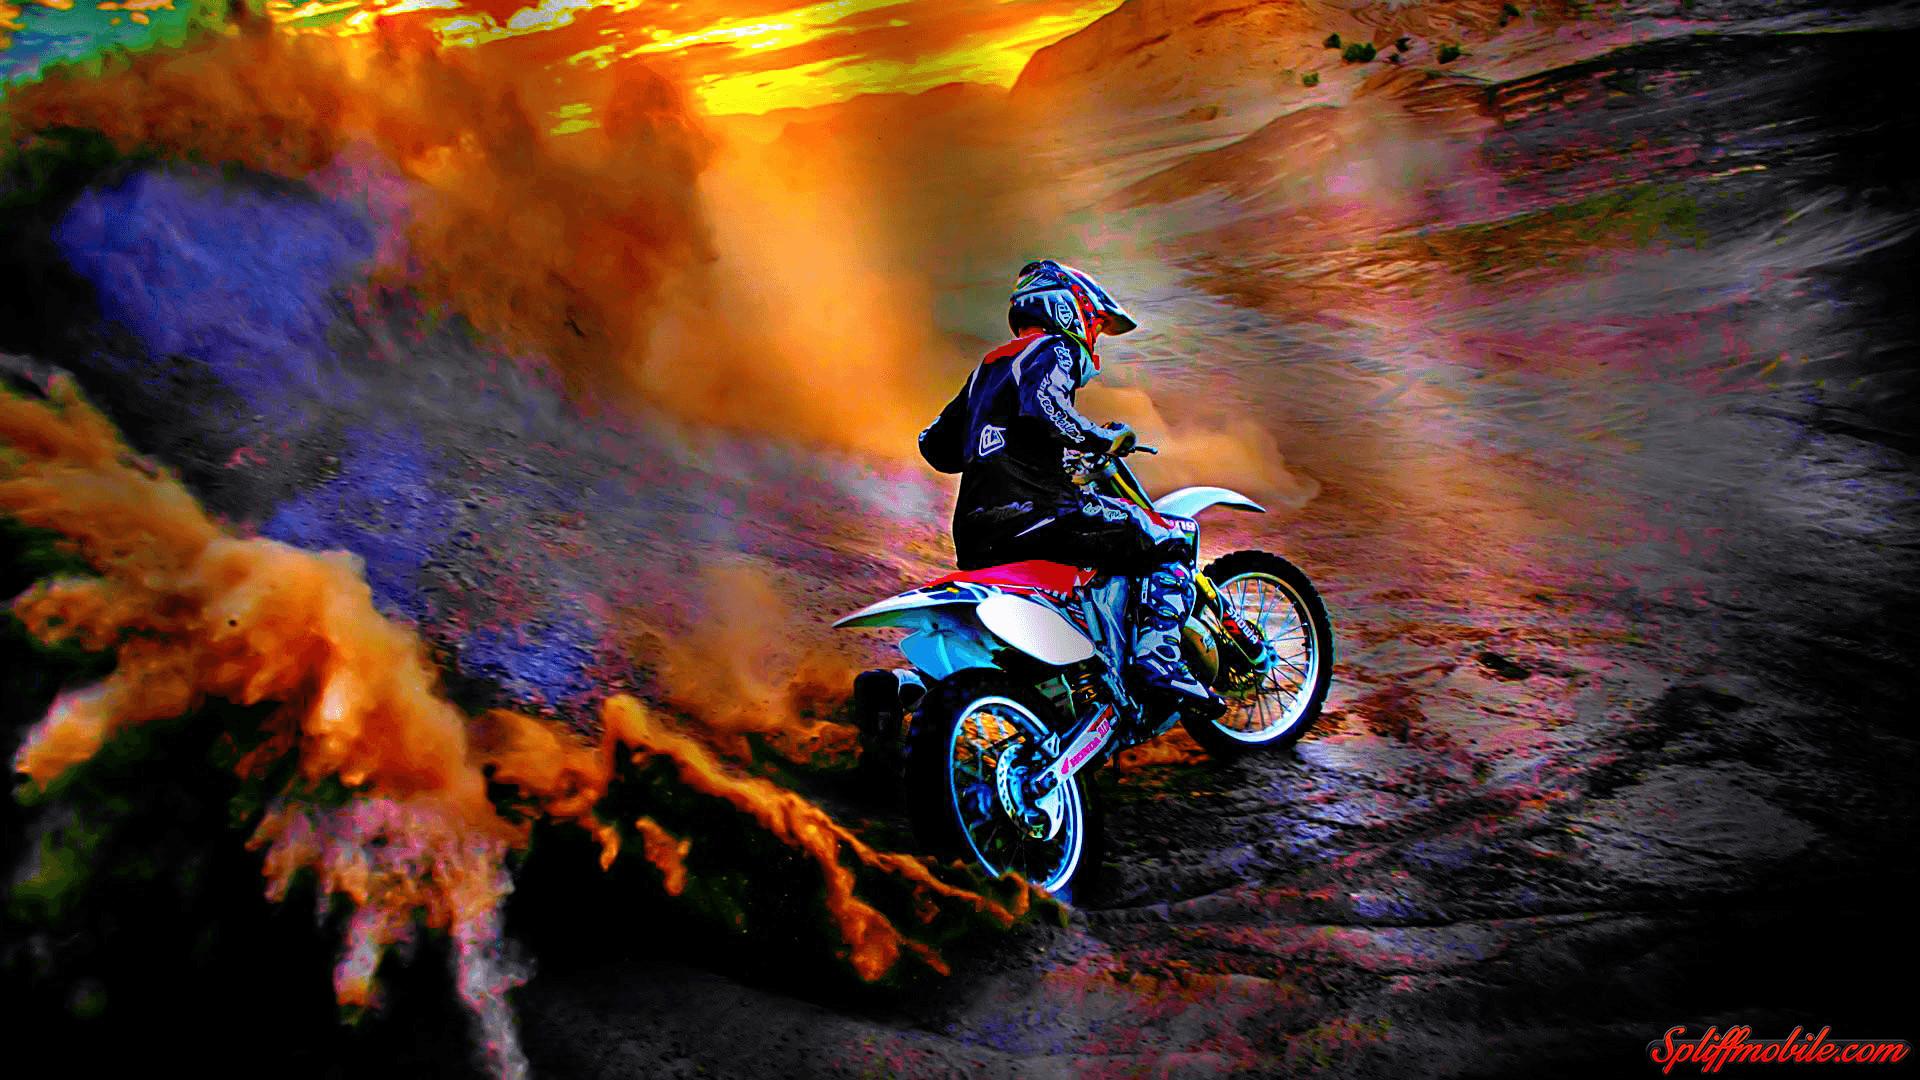 Dirtbike Wallpaper 67 Images